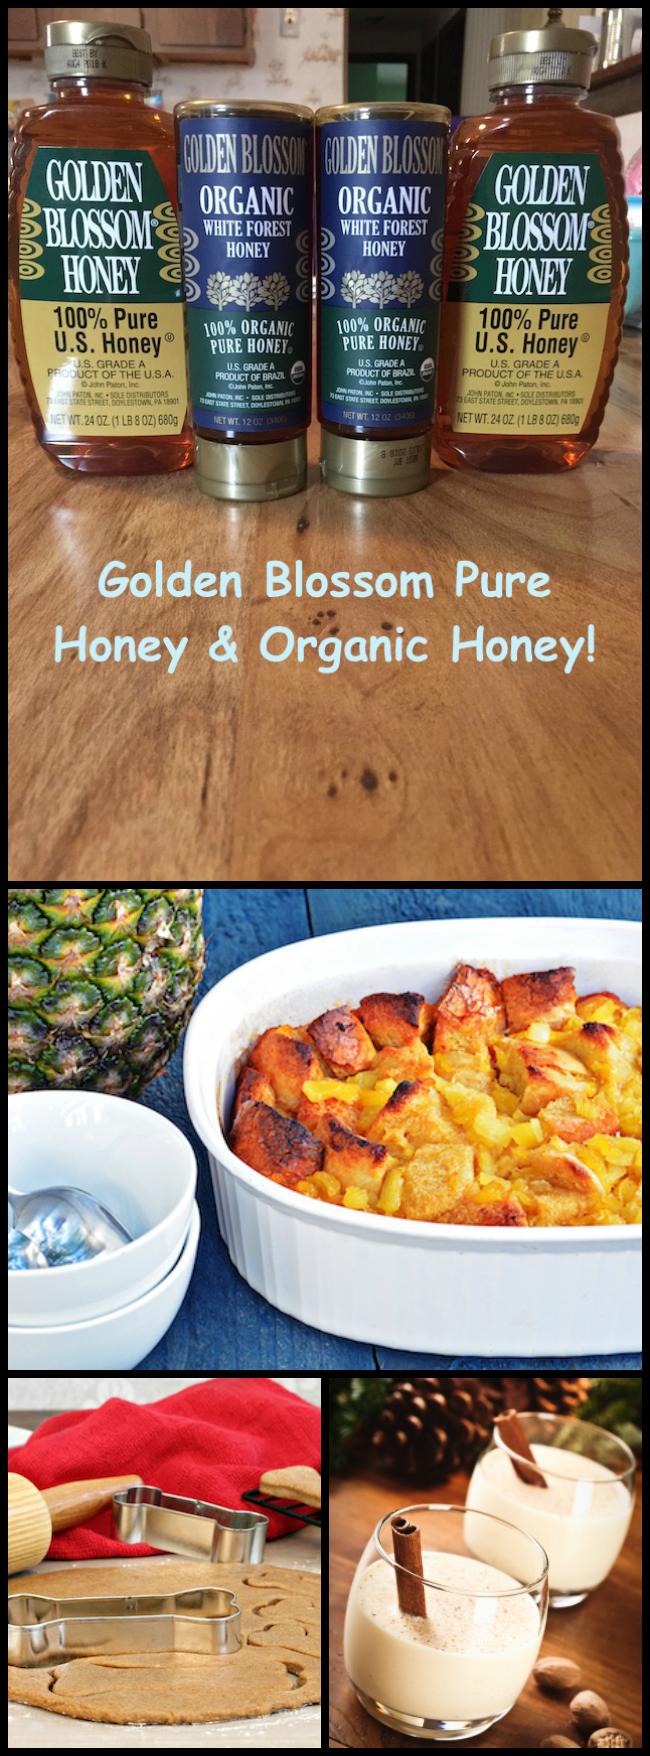 Golden Blossom Honey Review & Recipe Ideas